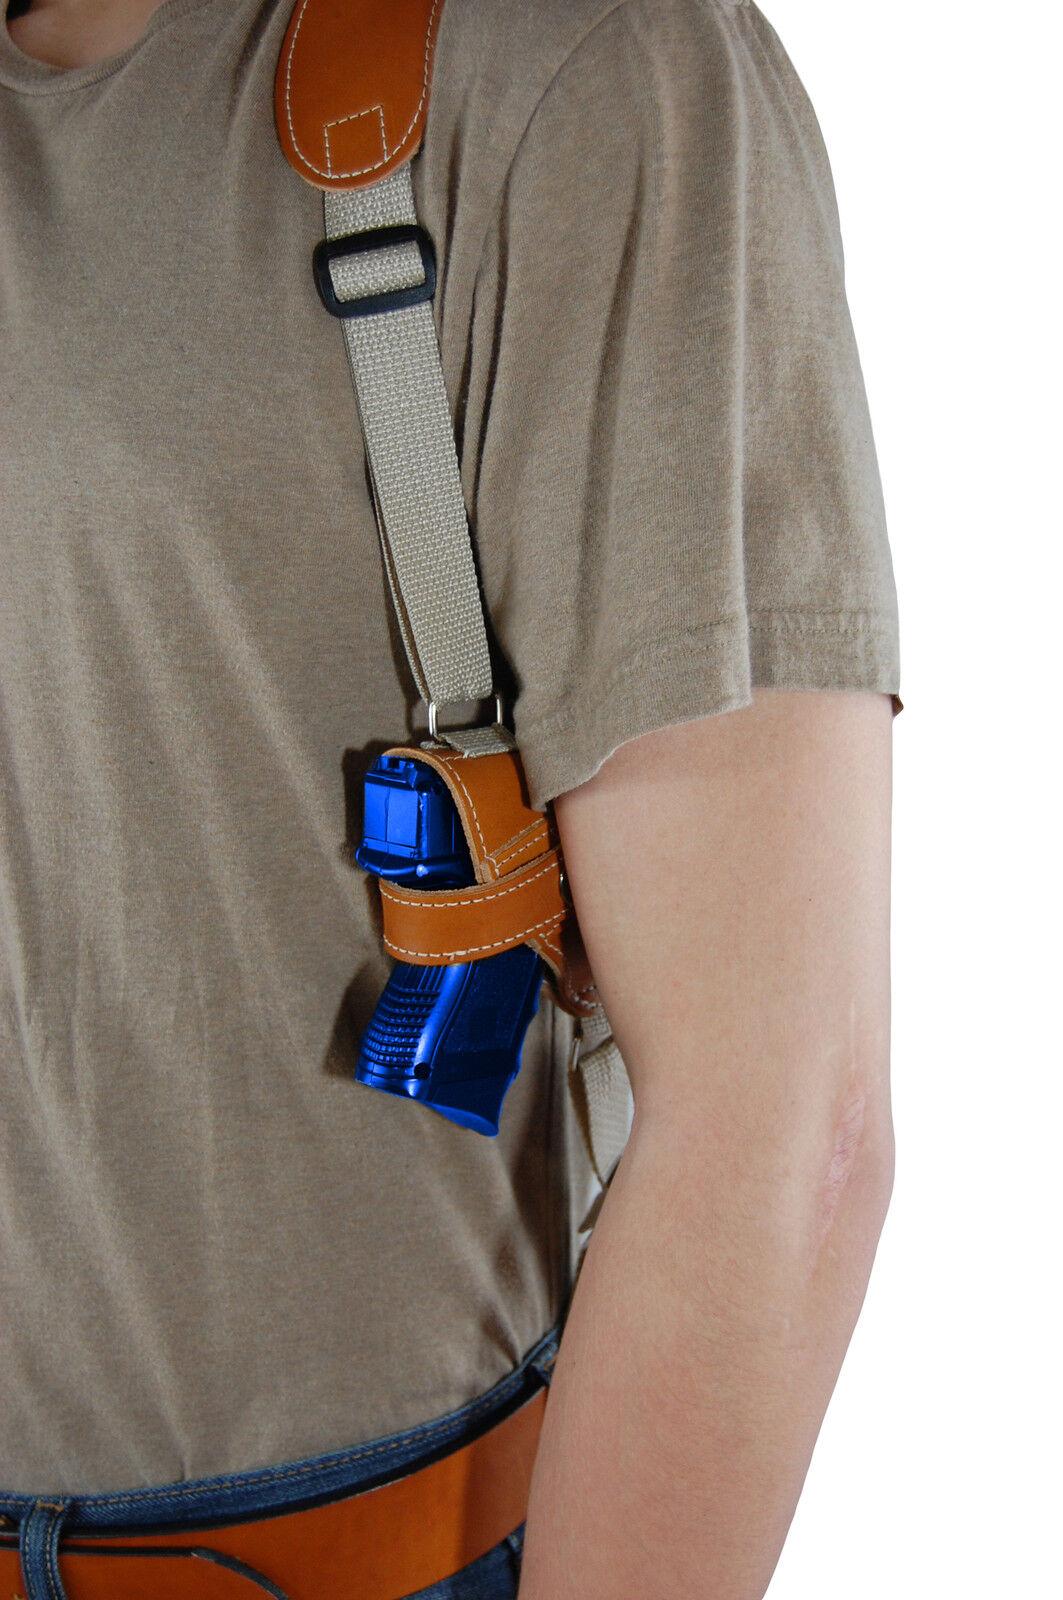 NEW Barsony Tan Leder Horizontal Shoulder Holster Holster Holster for S&W M&P Shield w/ LASER 243ba4